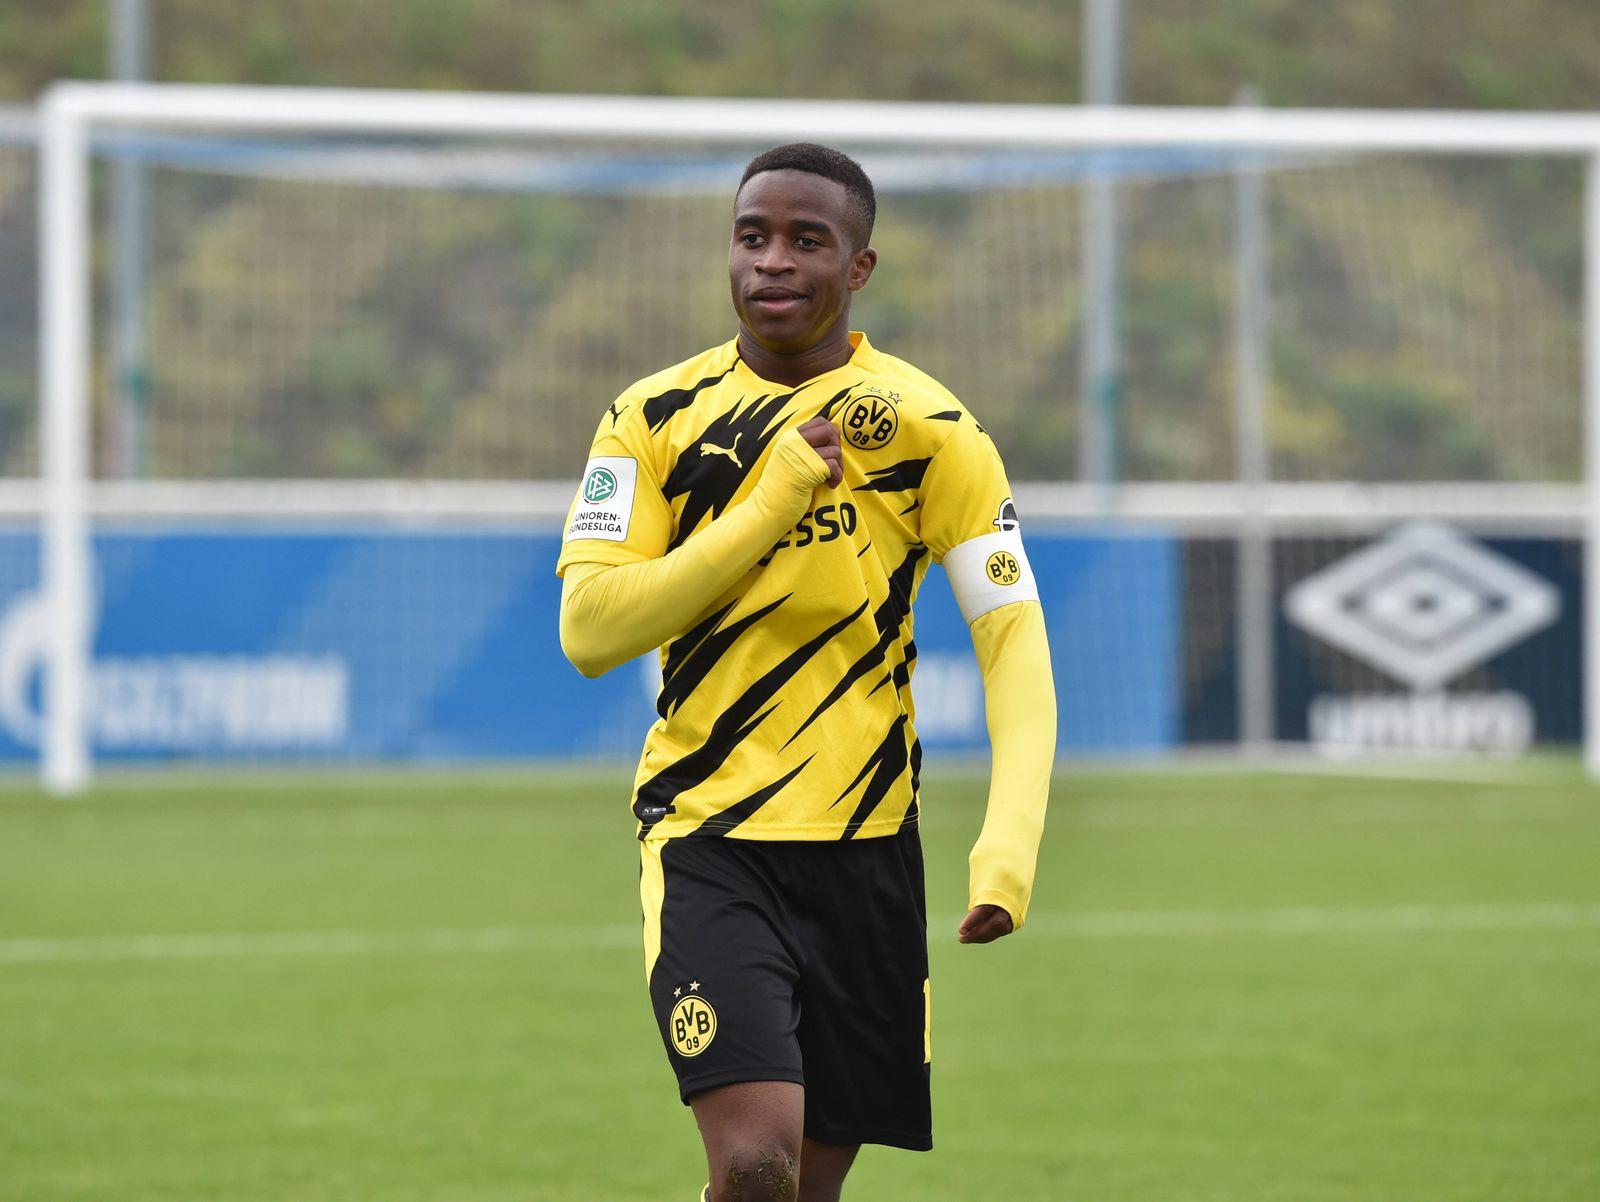 Jubel Youssoufa Moukoko (Borussia Dortmund) 18.10.2020, Fussball GER, Saison 2020 2021, U19 Bundesliga West, 3. Spielta